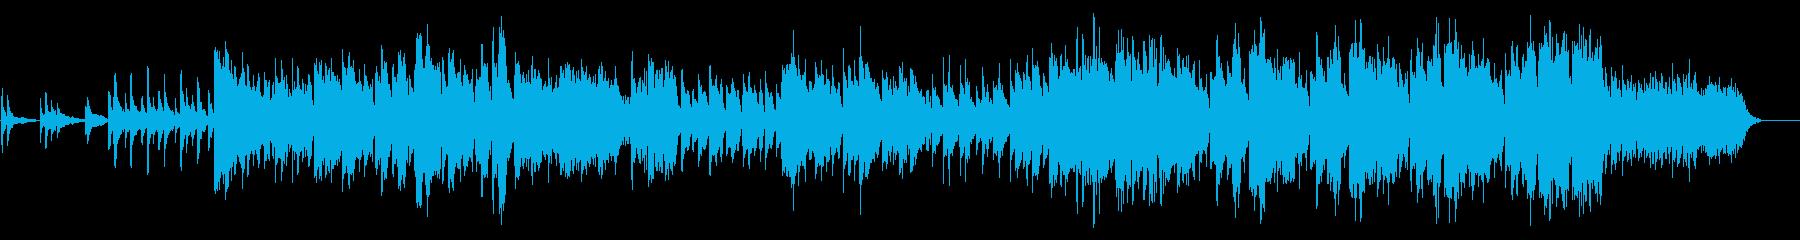 異国情緒ある民族系の曲の再生済みの波形